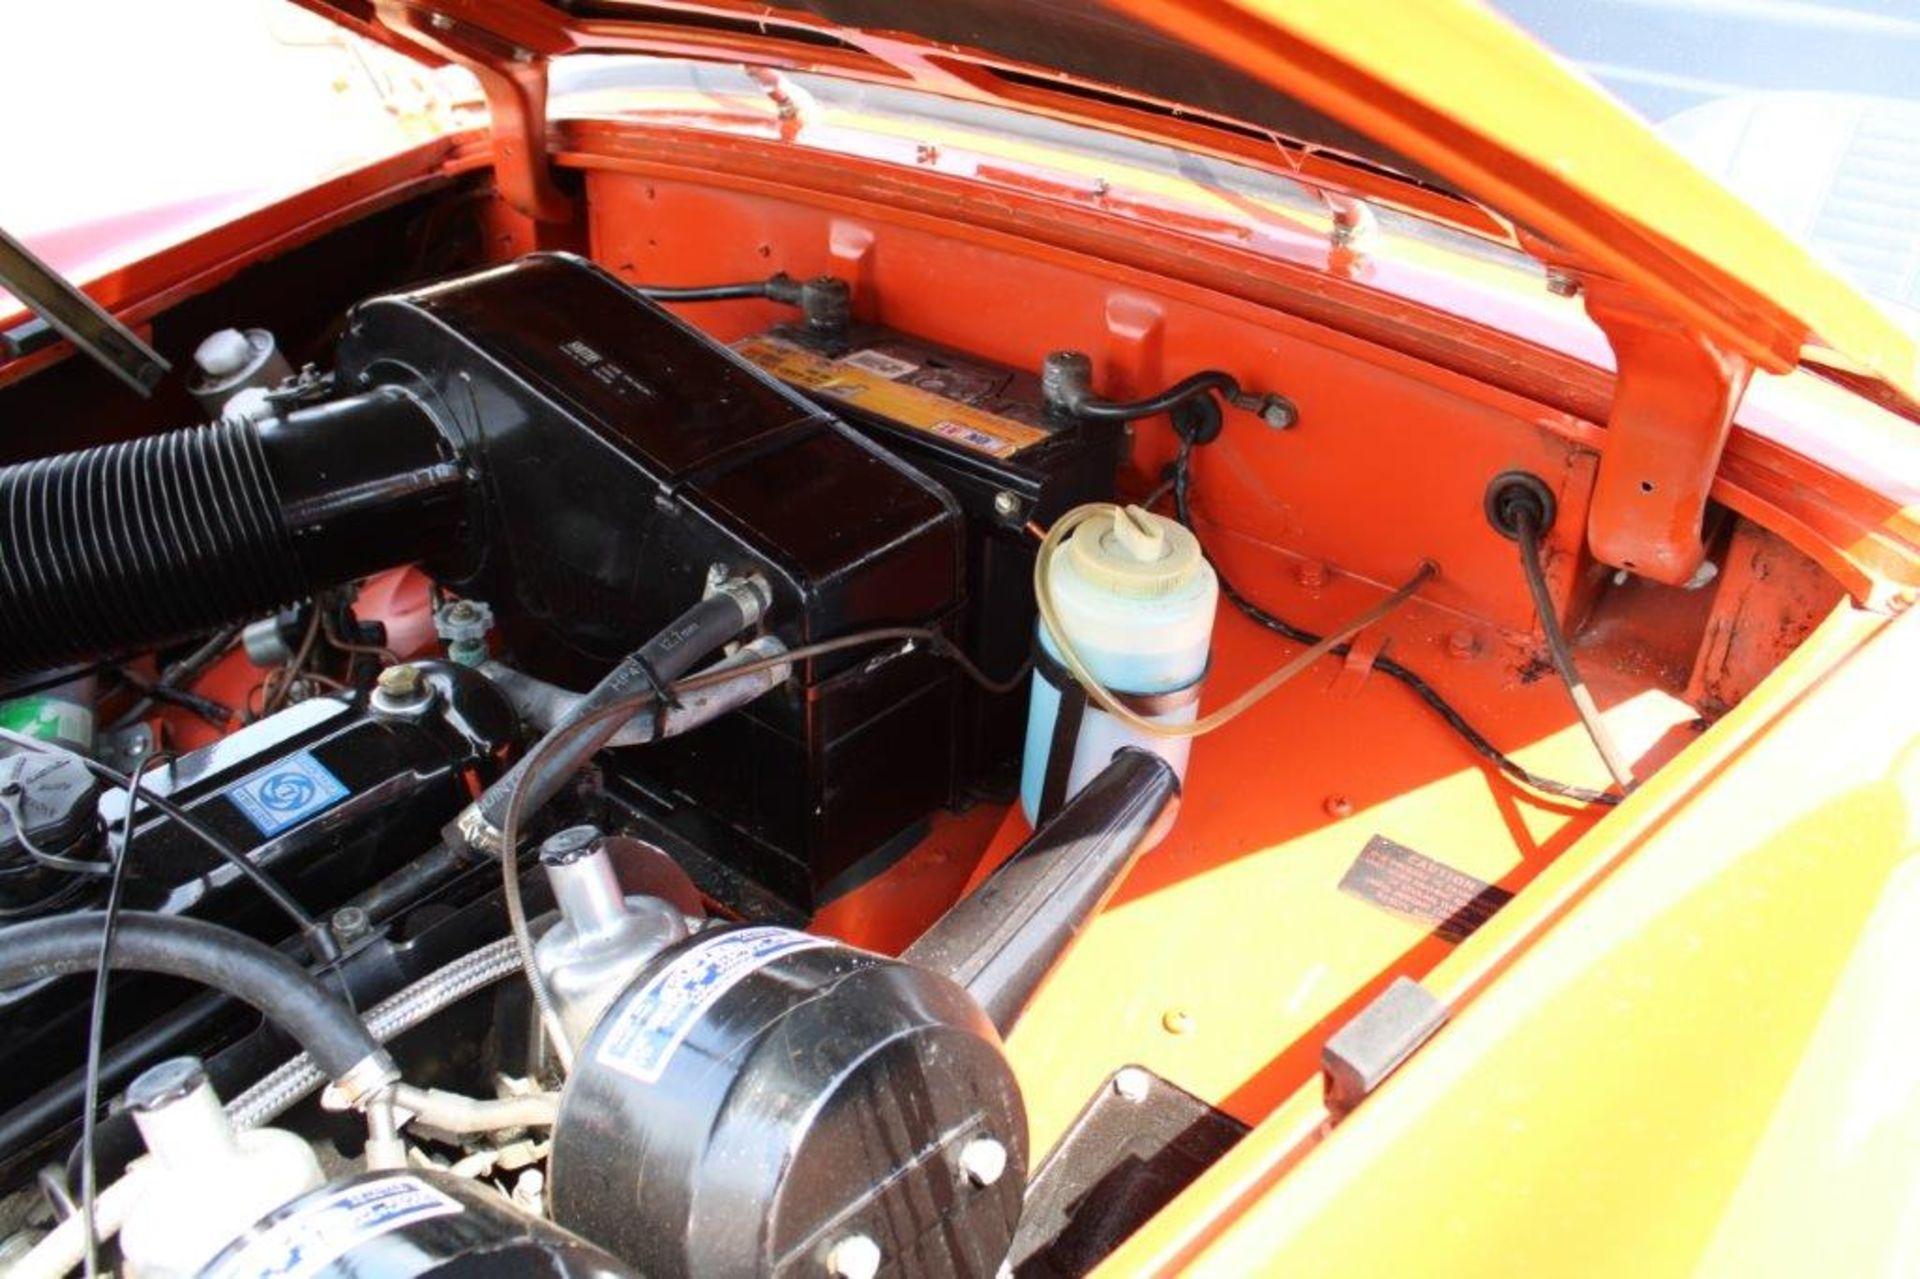 1974 MG Midget MK III - Image 18 of 30